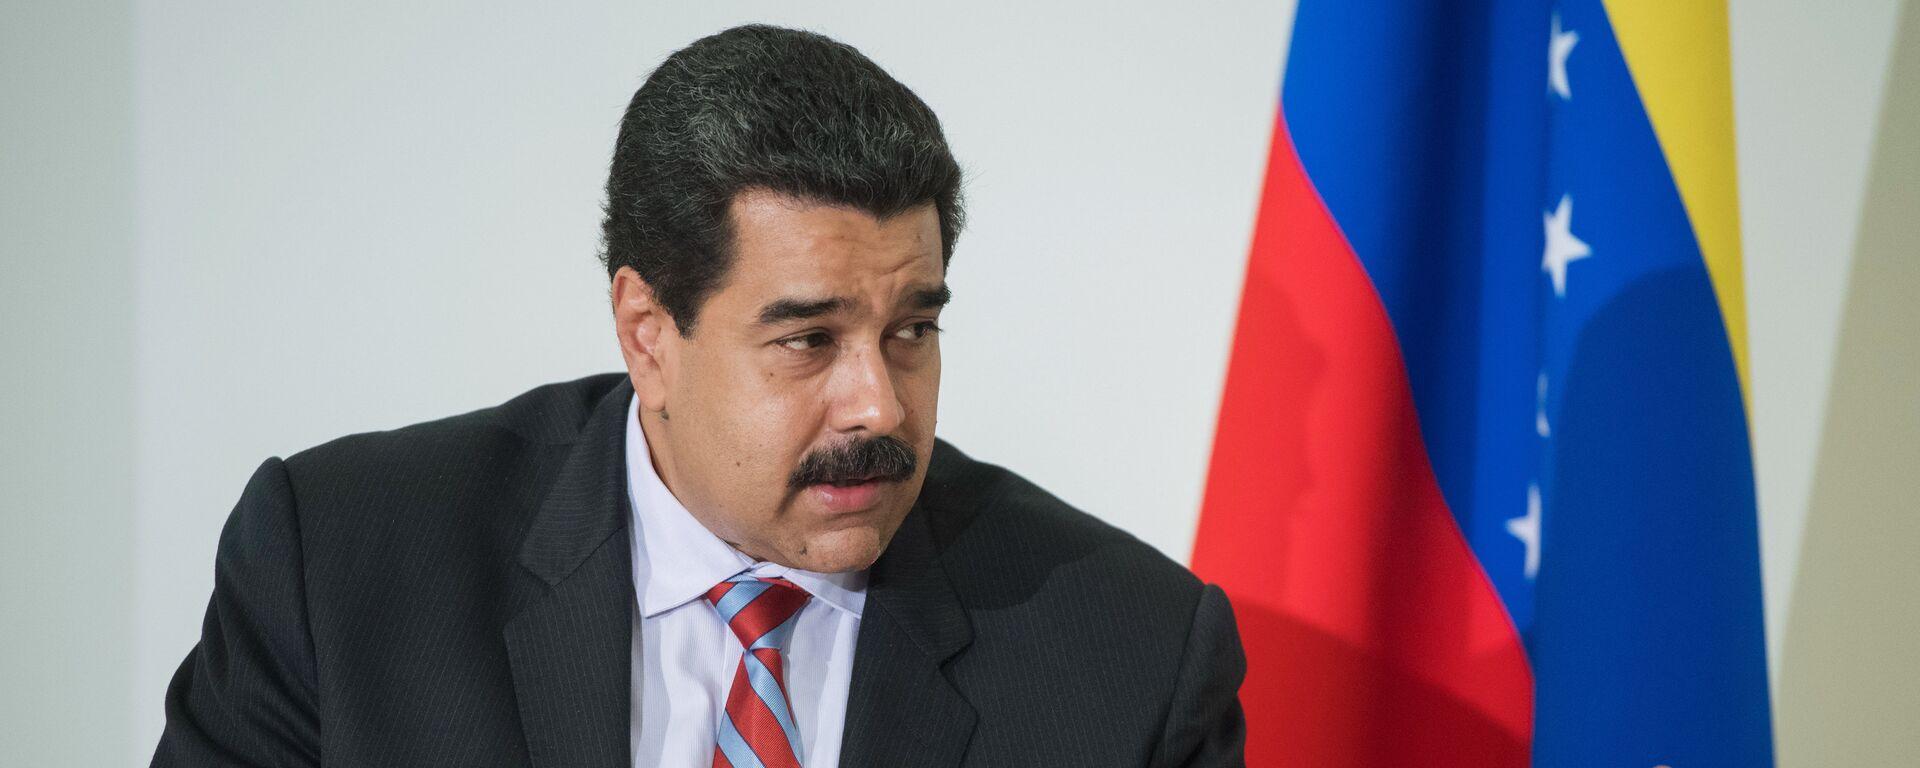 Nicolás Maduro, presidente de Venezuela - Sputnik Mundo, 1920, 11.06.2021